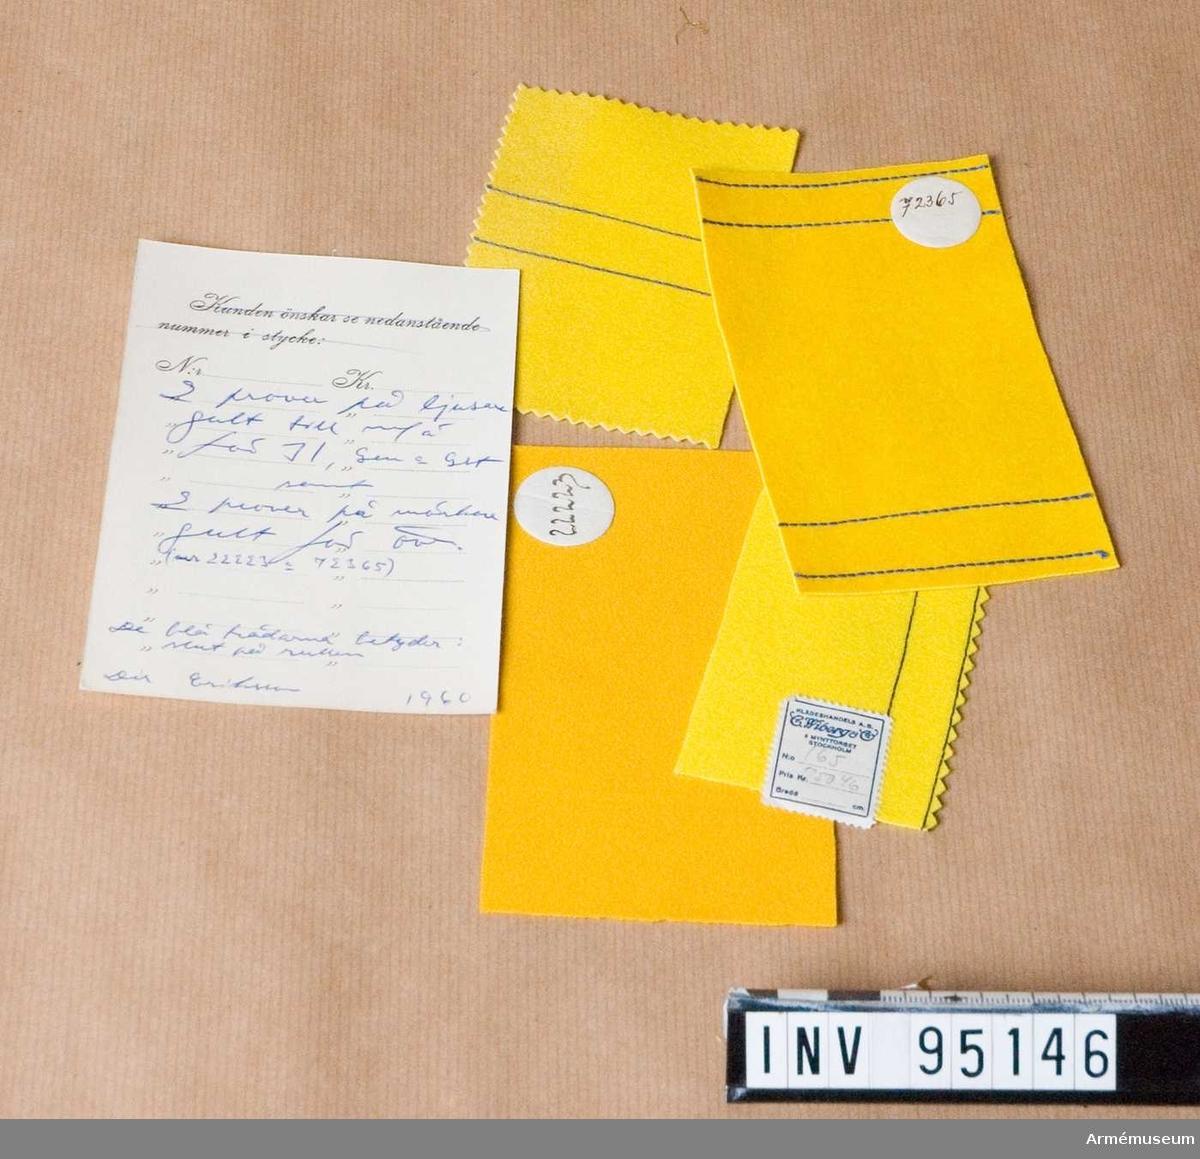 """Pappkort från C Wiberg & co, Klädes Kramhandlare. Stockholm. med text på baksidan: """"2 prover på ljusare gult till m/ä för I1, Gen och Glt samt 2 prover på mörkare gult för öv. nr 22223 och 72365. De blå trådarna betyder. slut på rullen. Dir Eriksson 1960"""""""